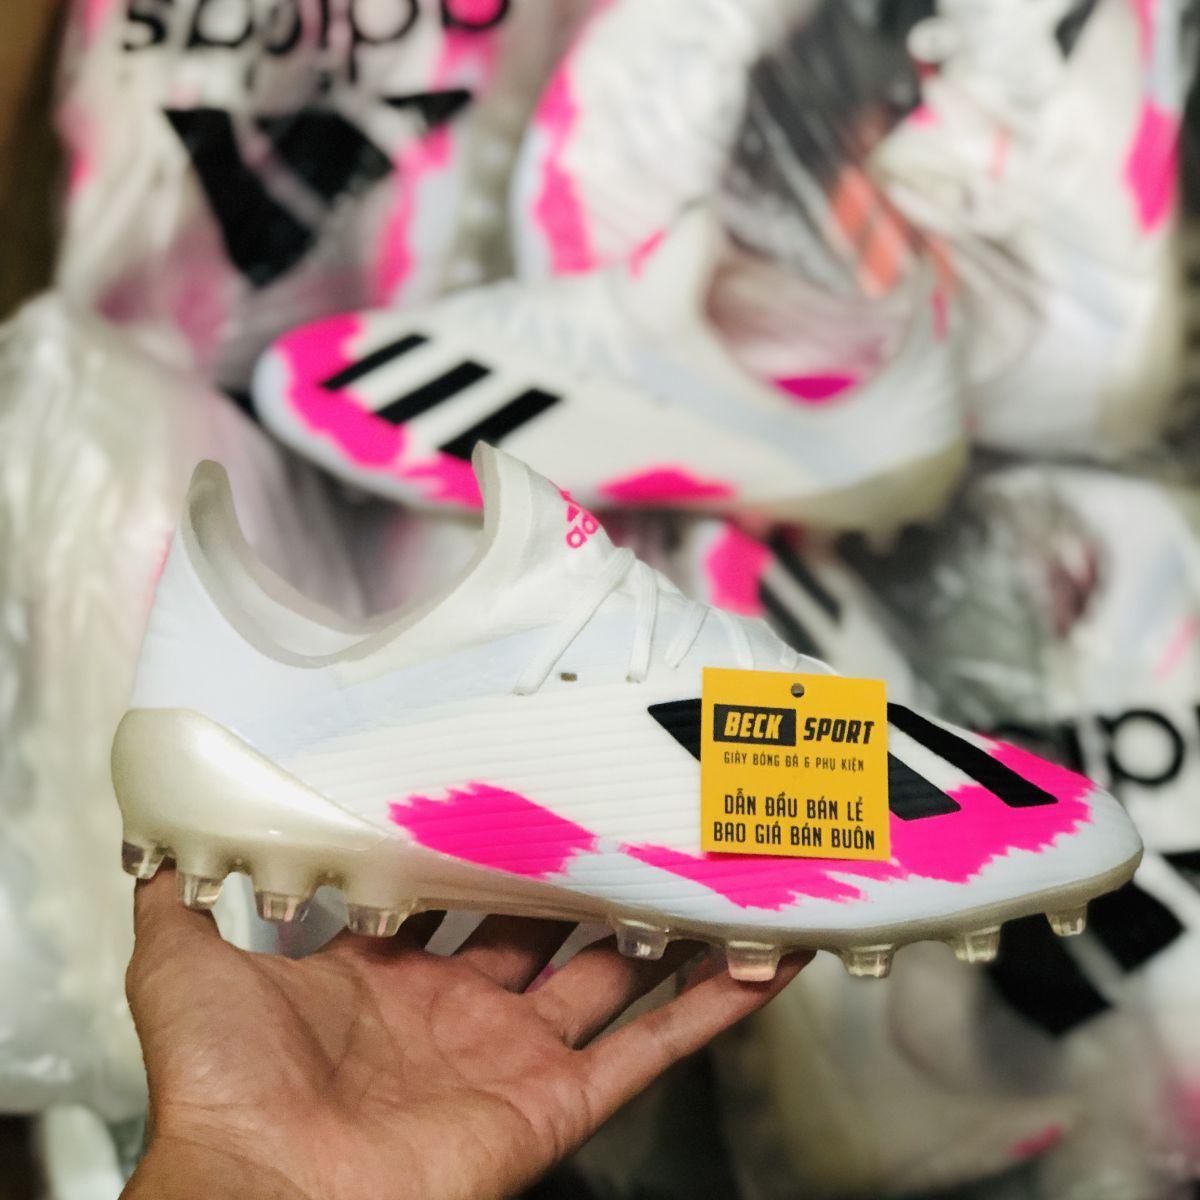 Giày Bóng Đá Adidas X 19.1 Trắng Xám Hồng Vạch Đen AG